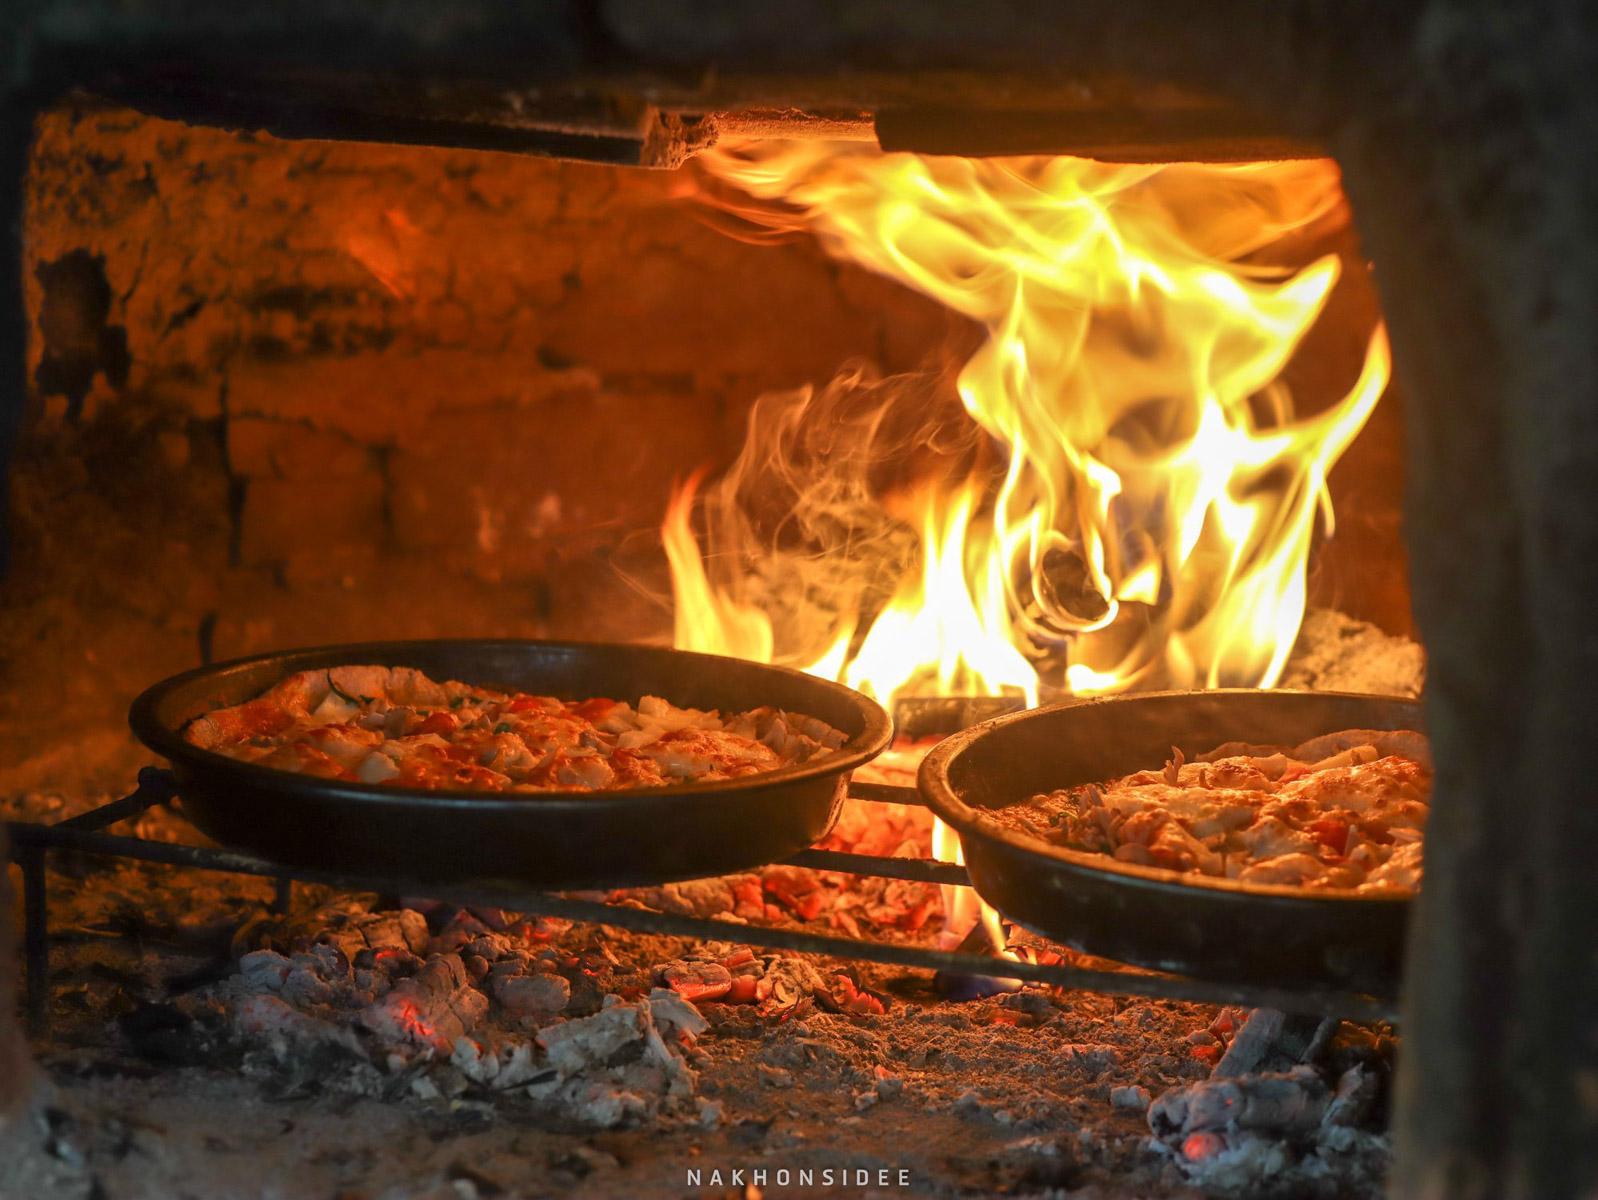 น้ำจิ้มรูปแรก ทำพิซซ่าเตาดินจาก ในสวนศรี กงหรา พัทลุงพัทลุง,tat,ททท,การท่องเที่ยว,นครศรี,จุดเช็คอิน,กงหรา,พื้นบ้าน